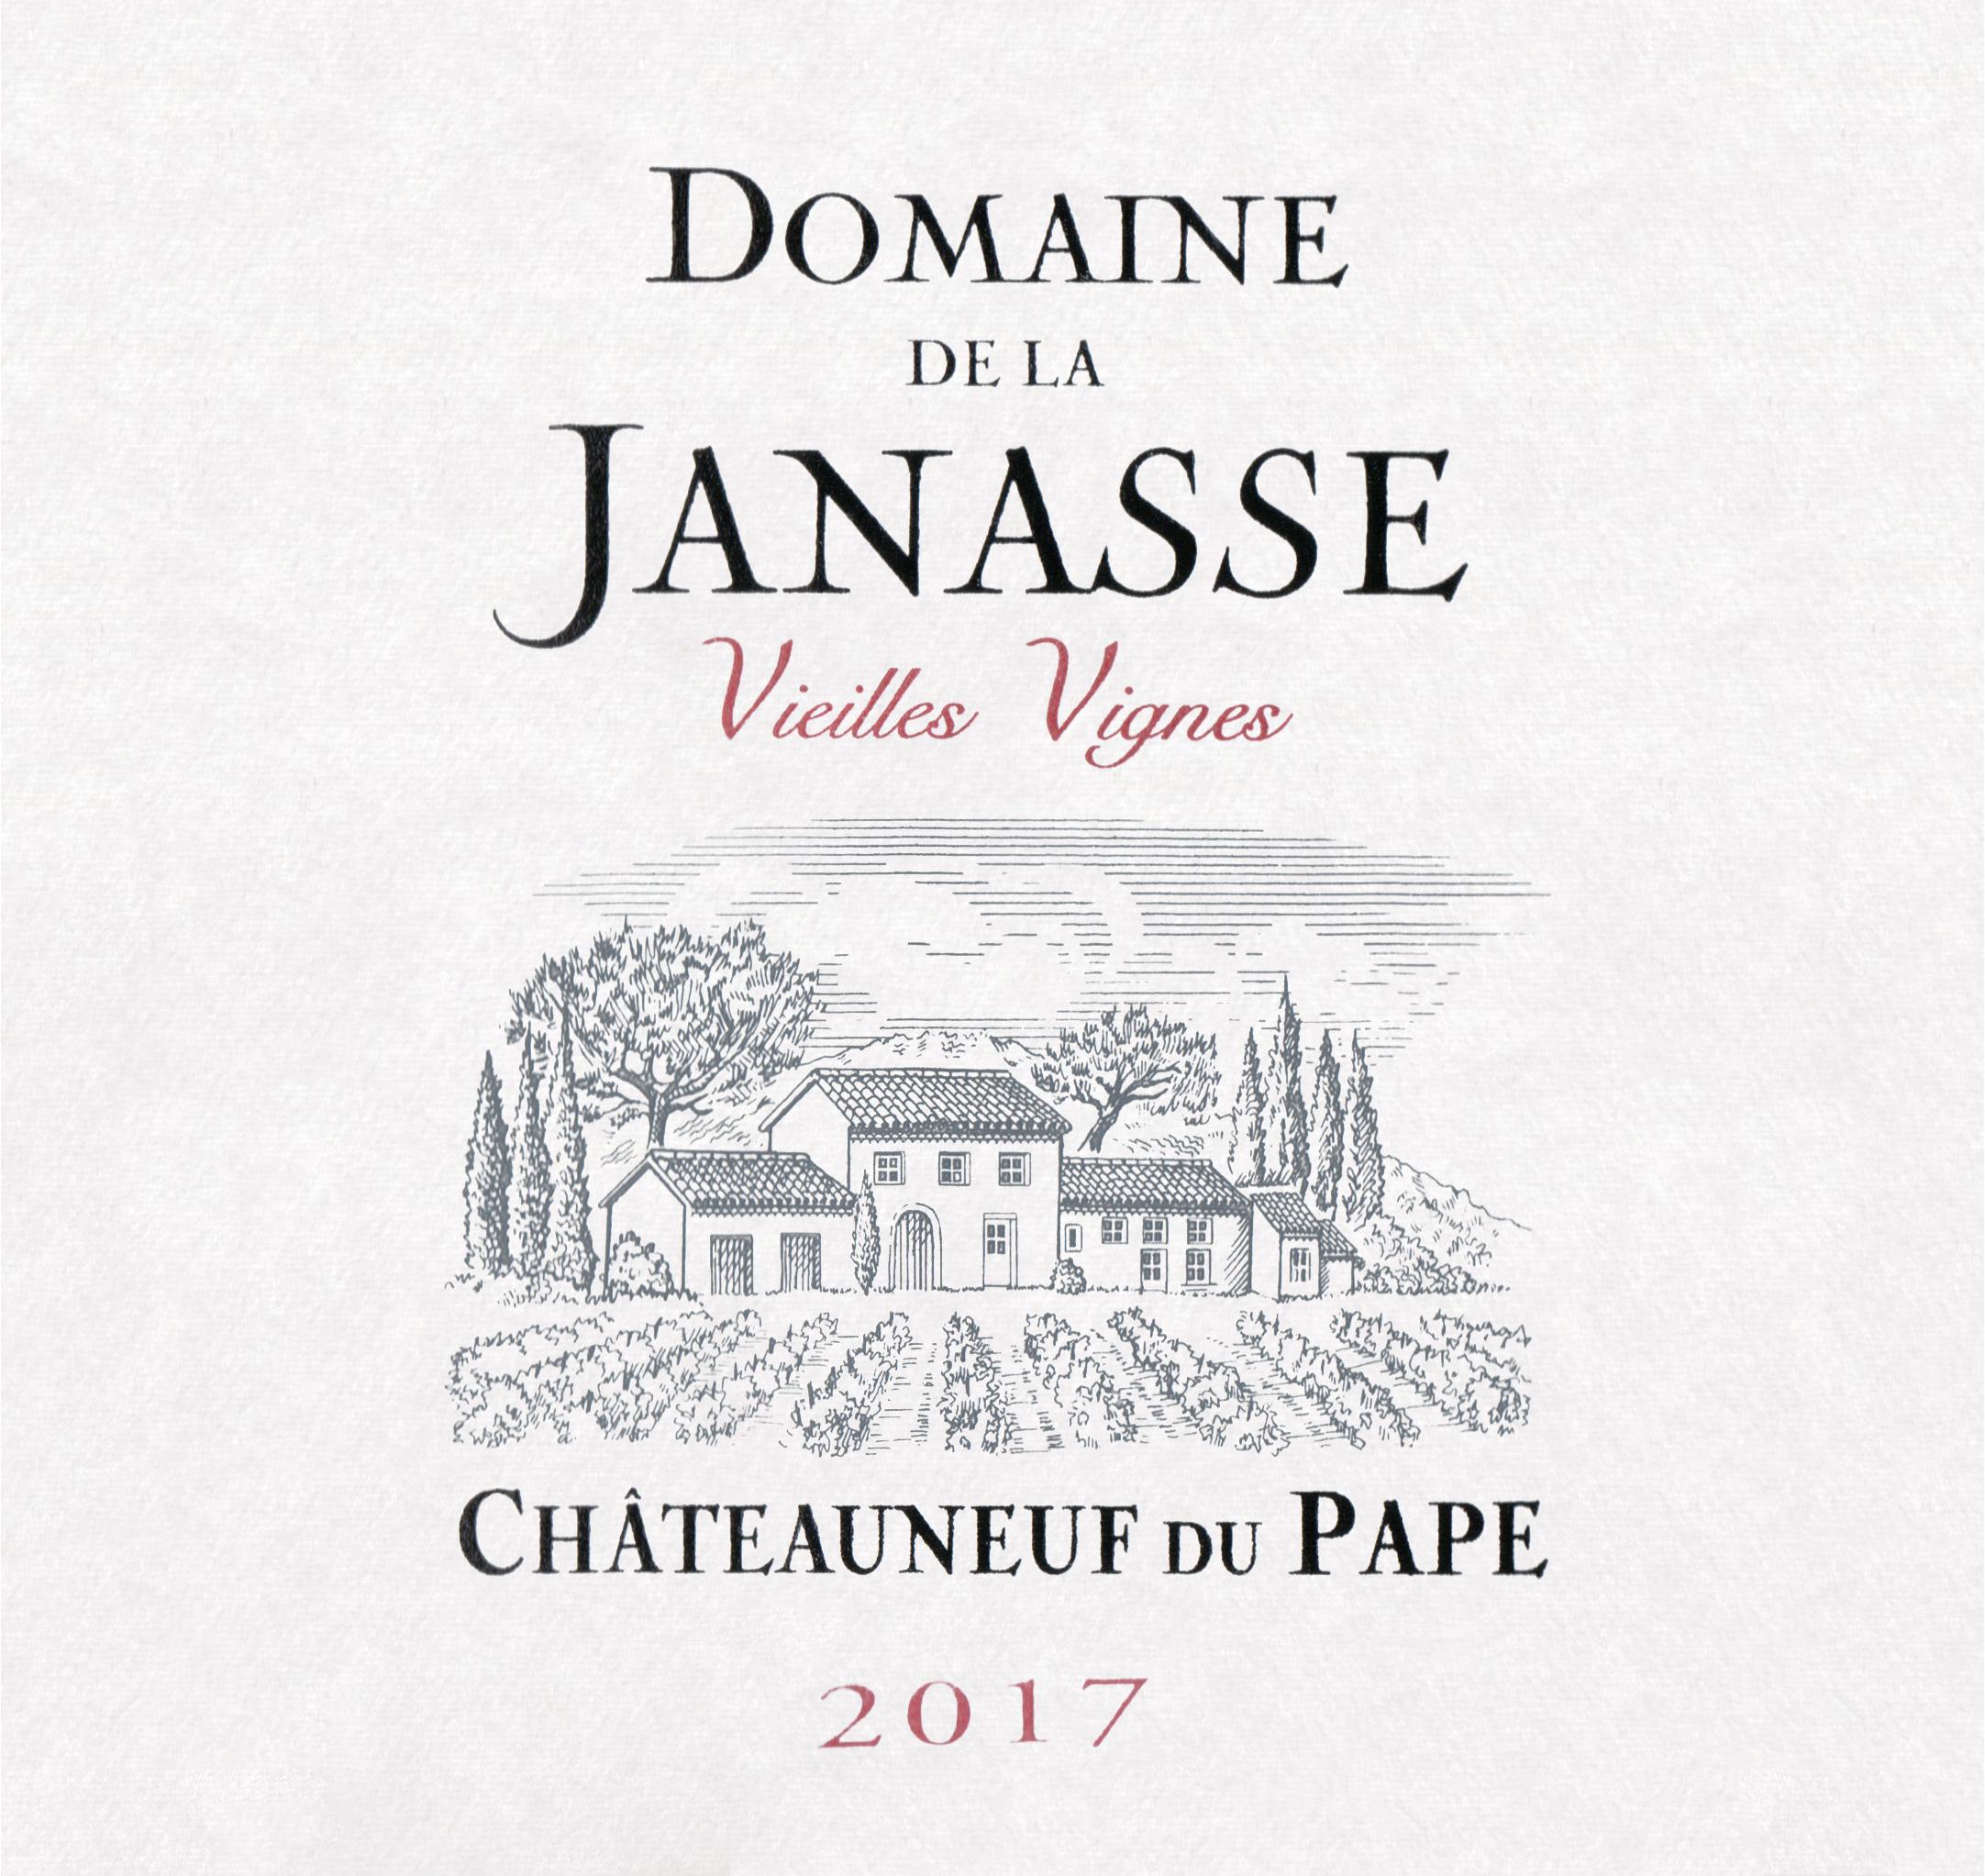 Domaine De La Janasse Chateauneuf Du Pape Vieilles Vignes 2017